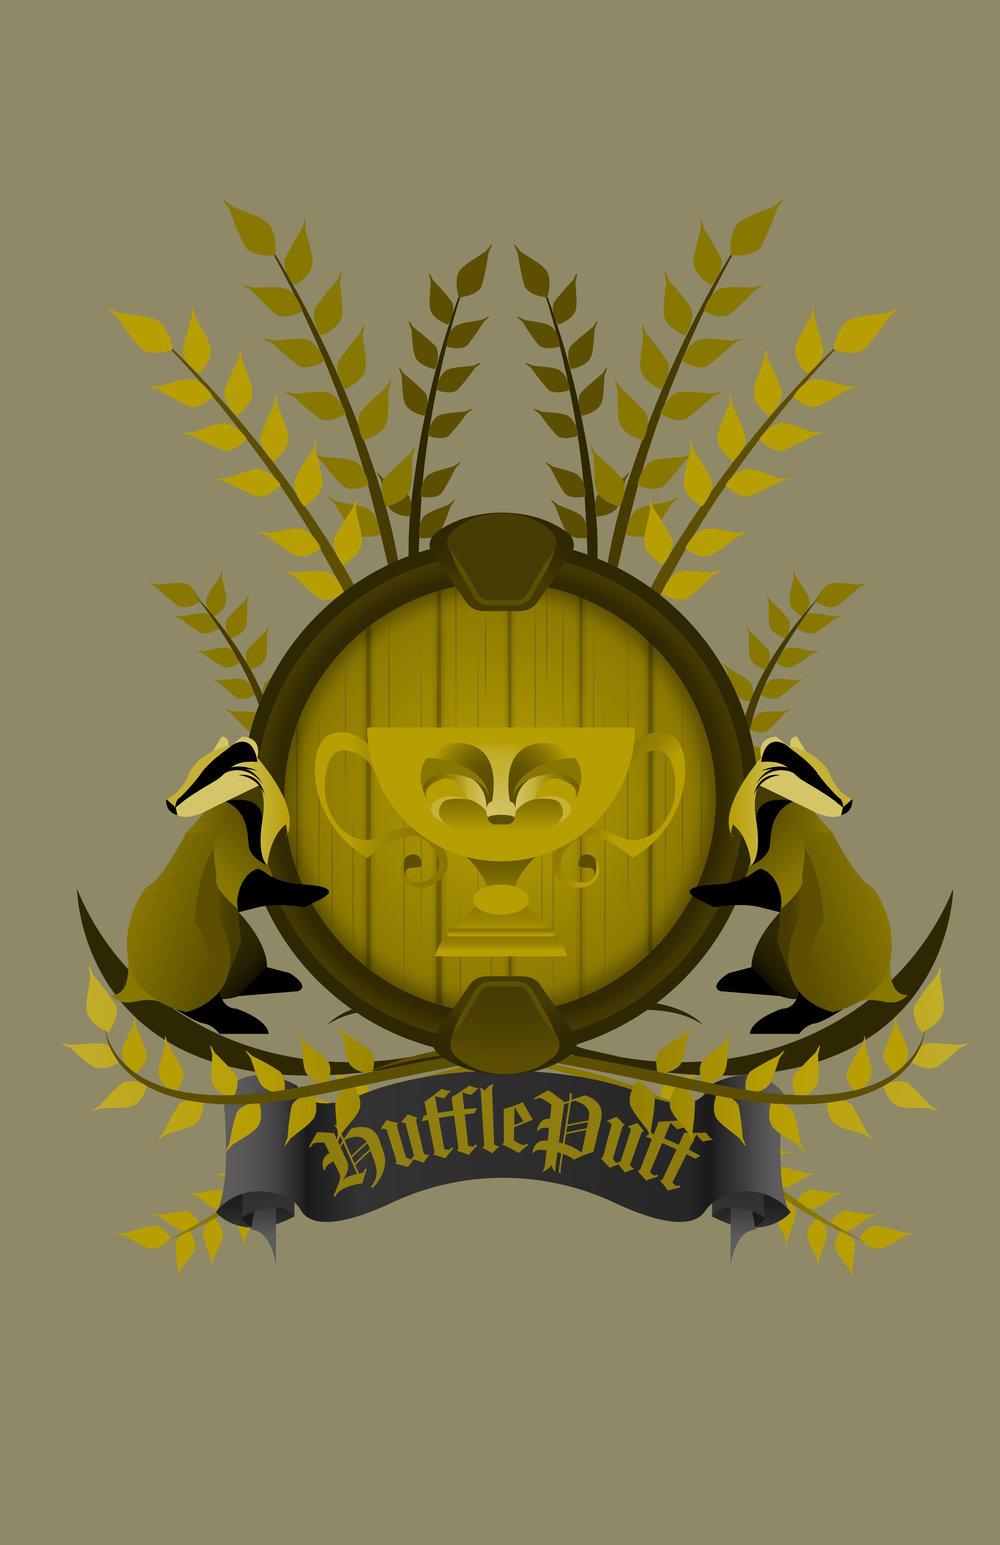 huffle Heraldry-01.jpg